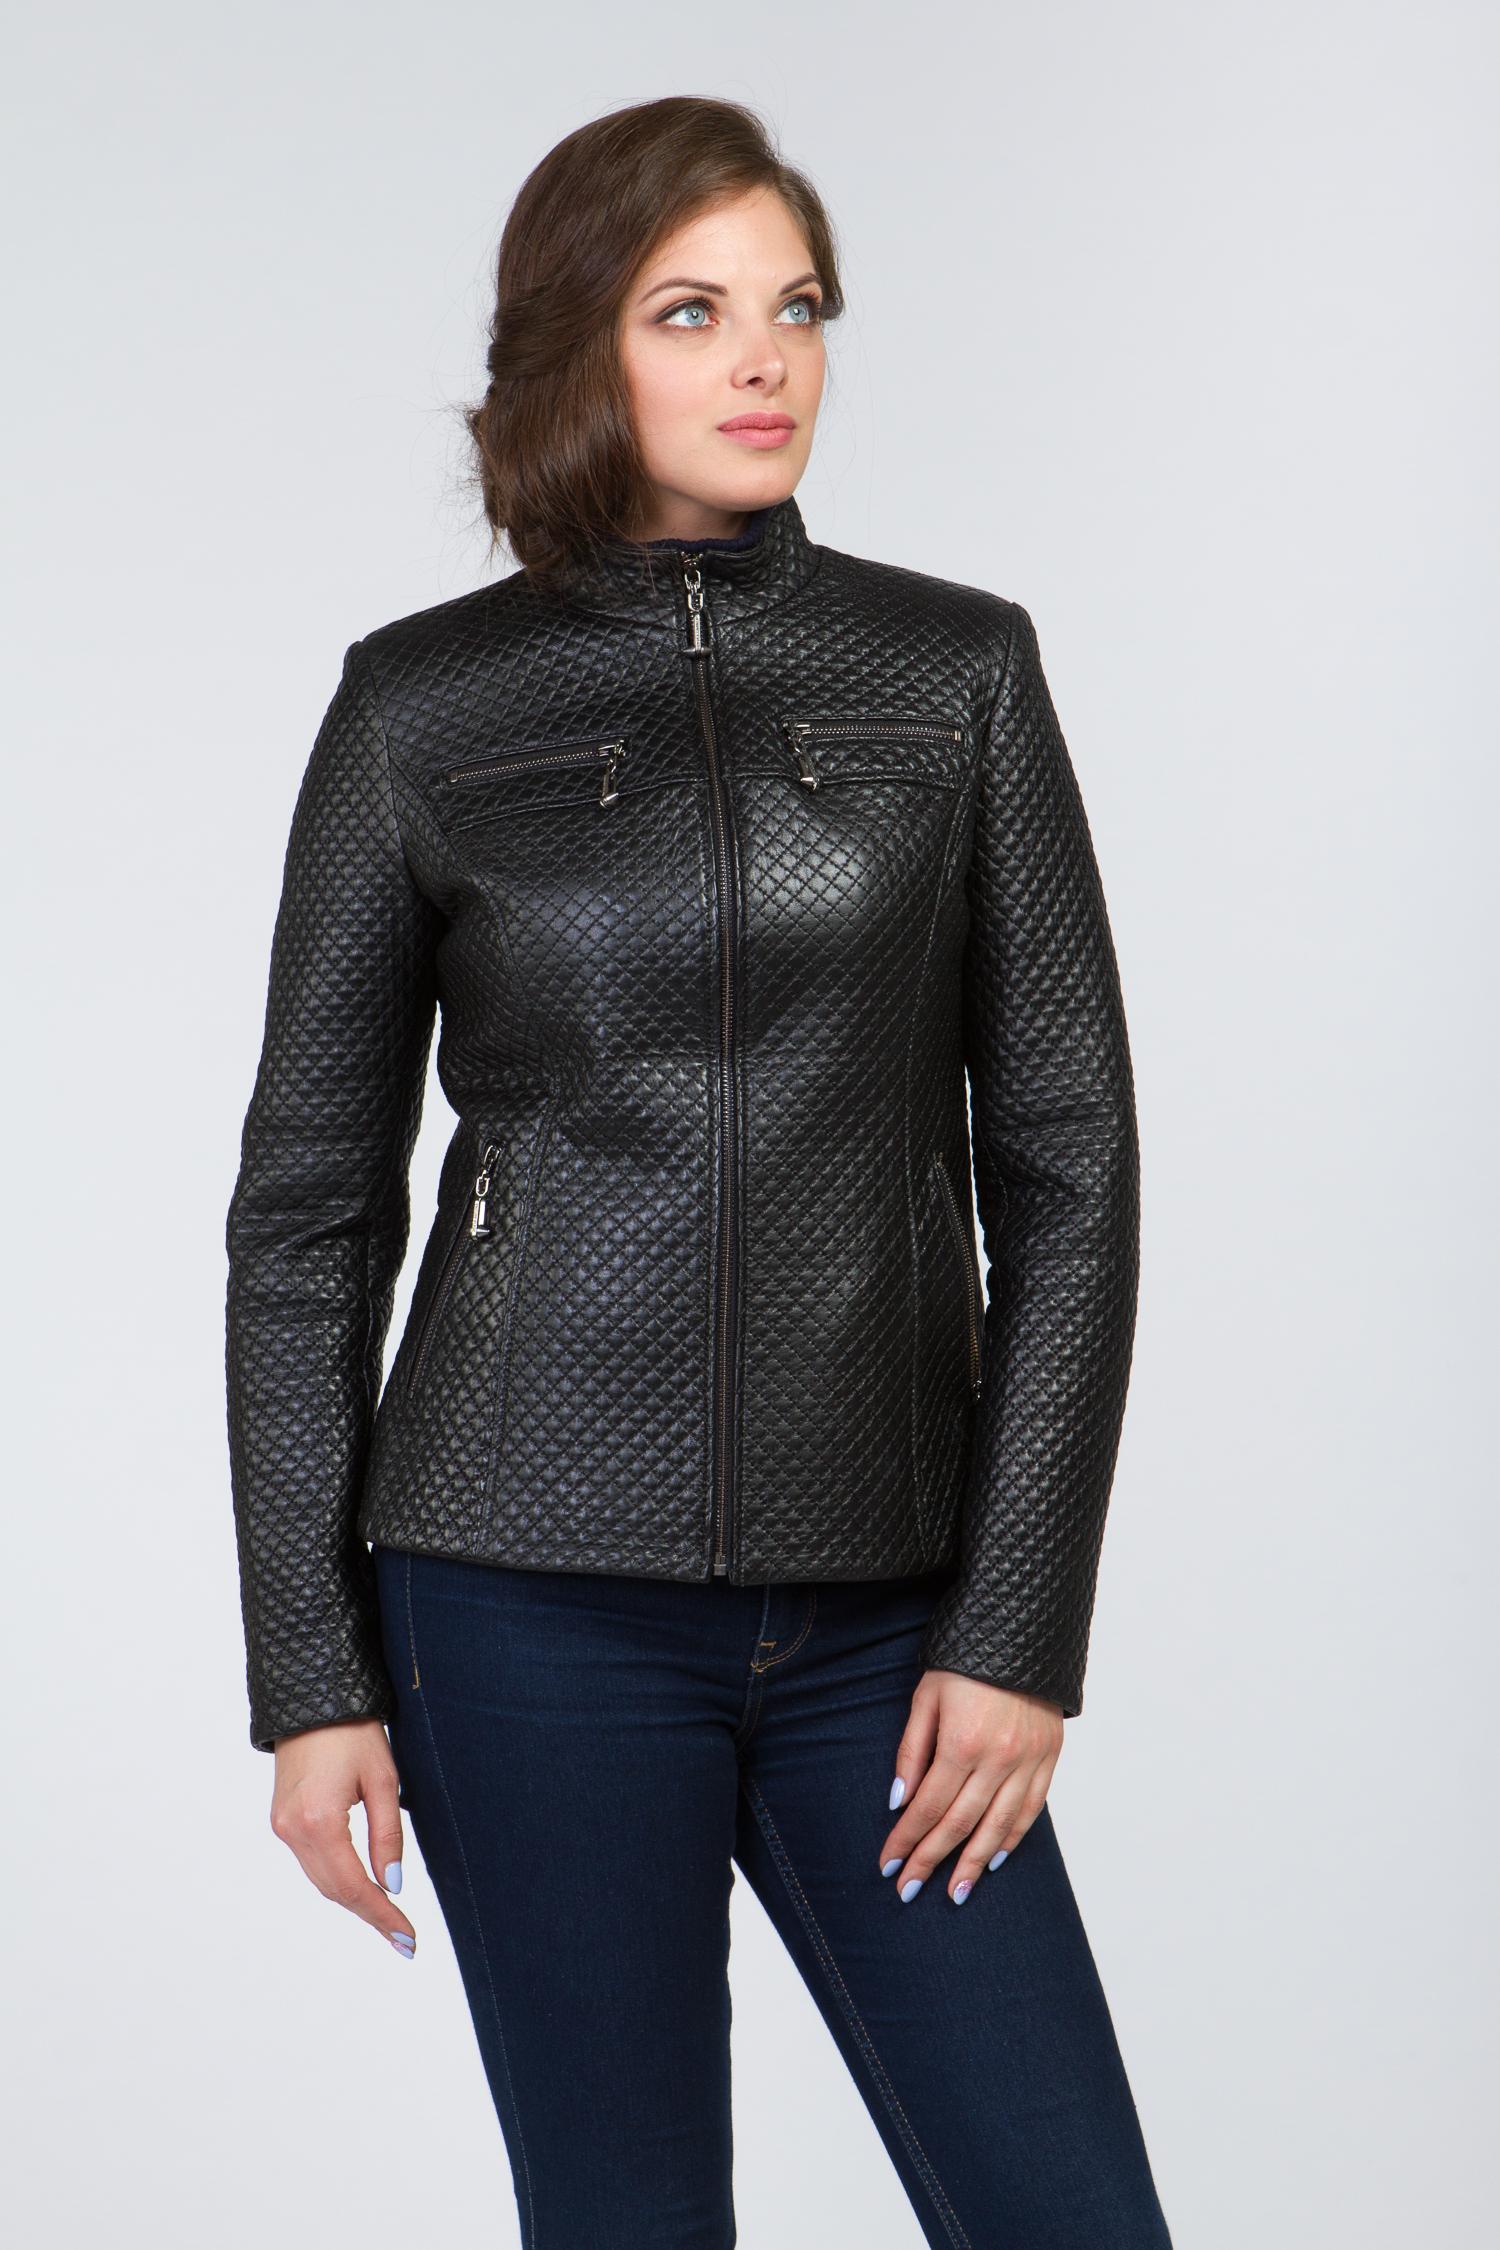 Женская кожаная куртка из натуральной кожи с воротником, без отделки<br><br>Воротник: стойка<br>Длина см: Средняя (75-89 )<br>Материал: Кожа овчина<br>Цвет: черный<br>Вид застежки: центральная<br>Застежка: на молнии<br>Пол: Женский<br>Размер RU: 44